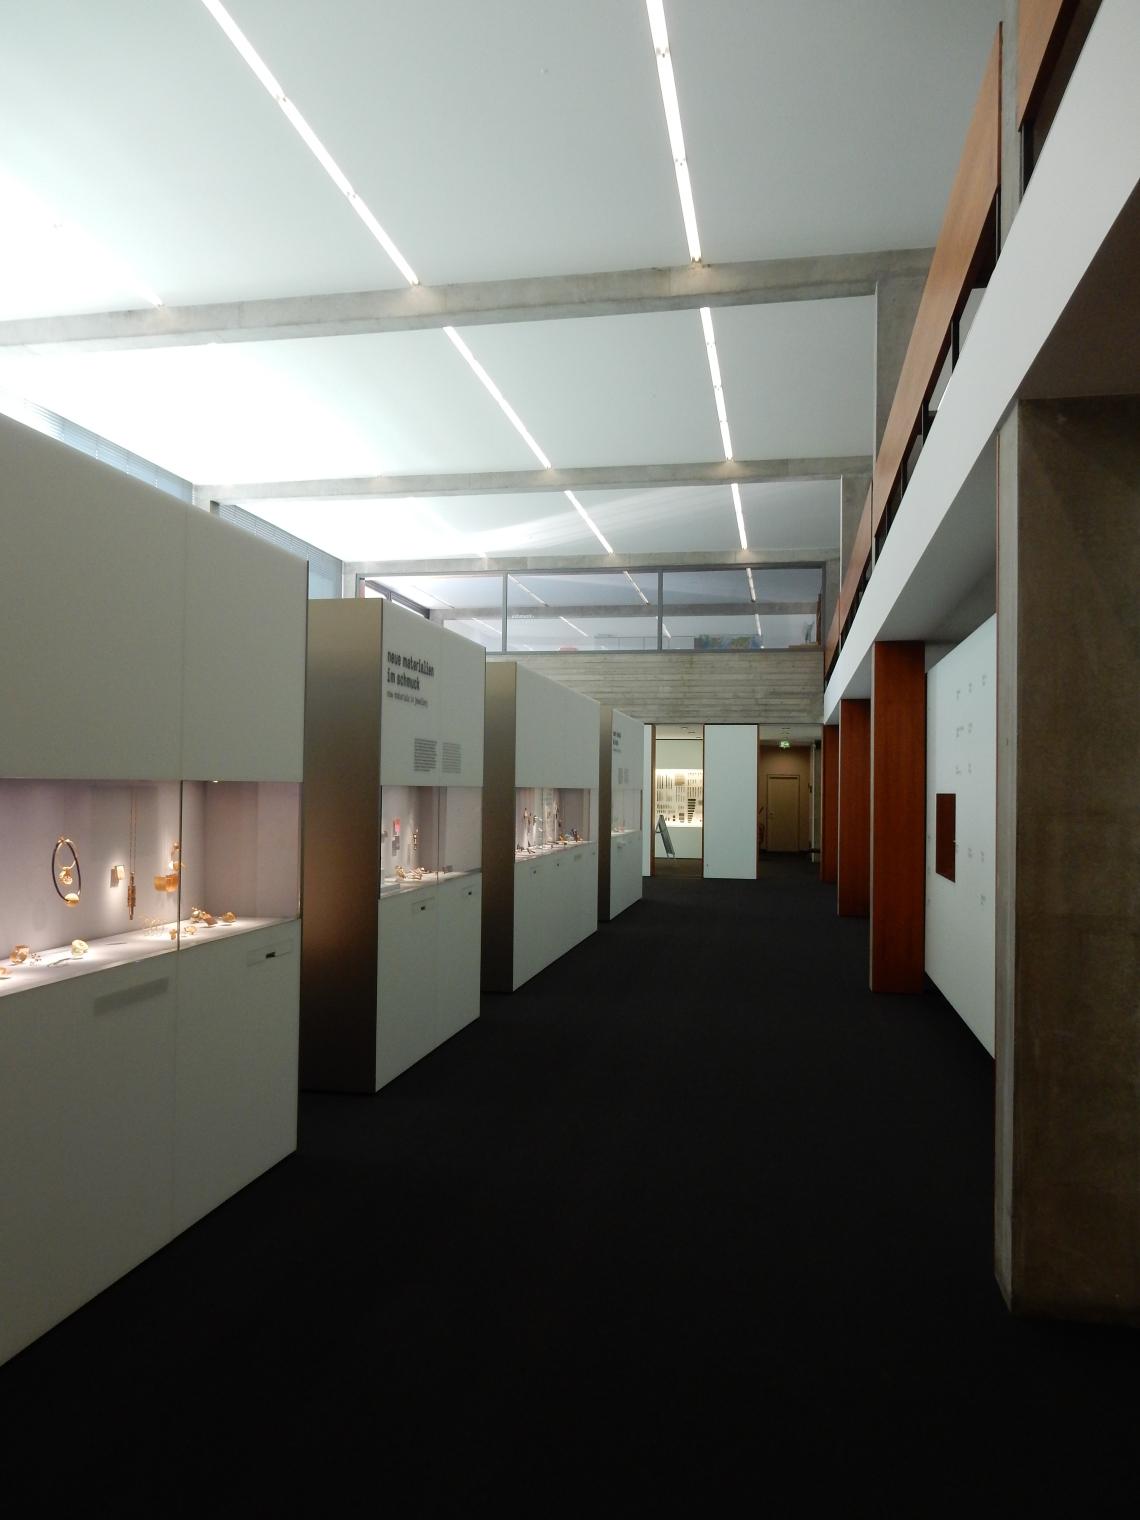 Schmuckmuseum Pforzheim. Foto met dank aan Coert Peter Krabbe, september 2018, CC BY 4.0